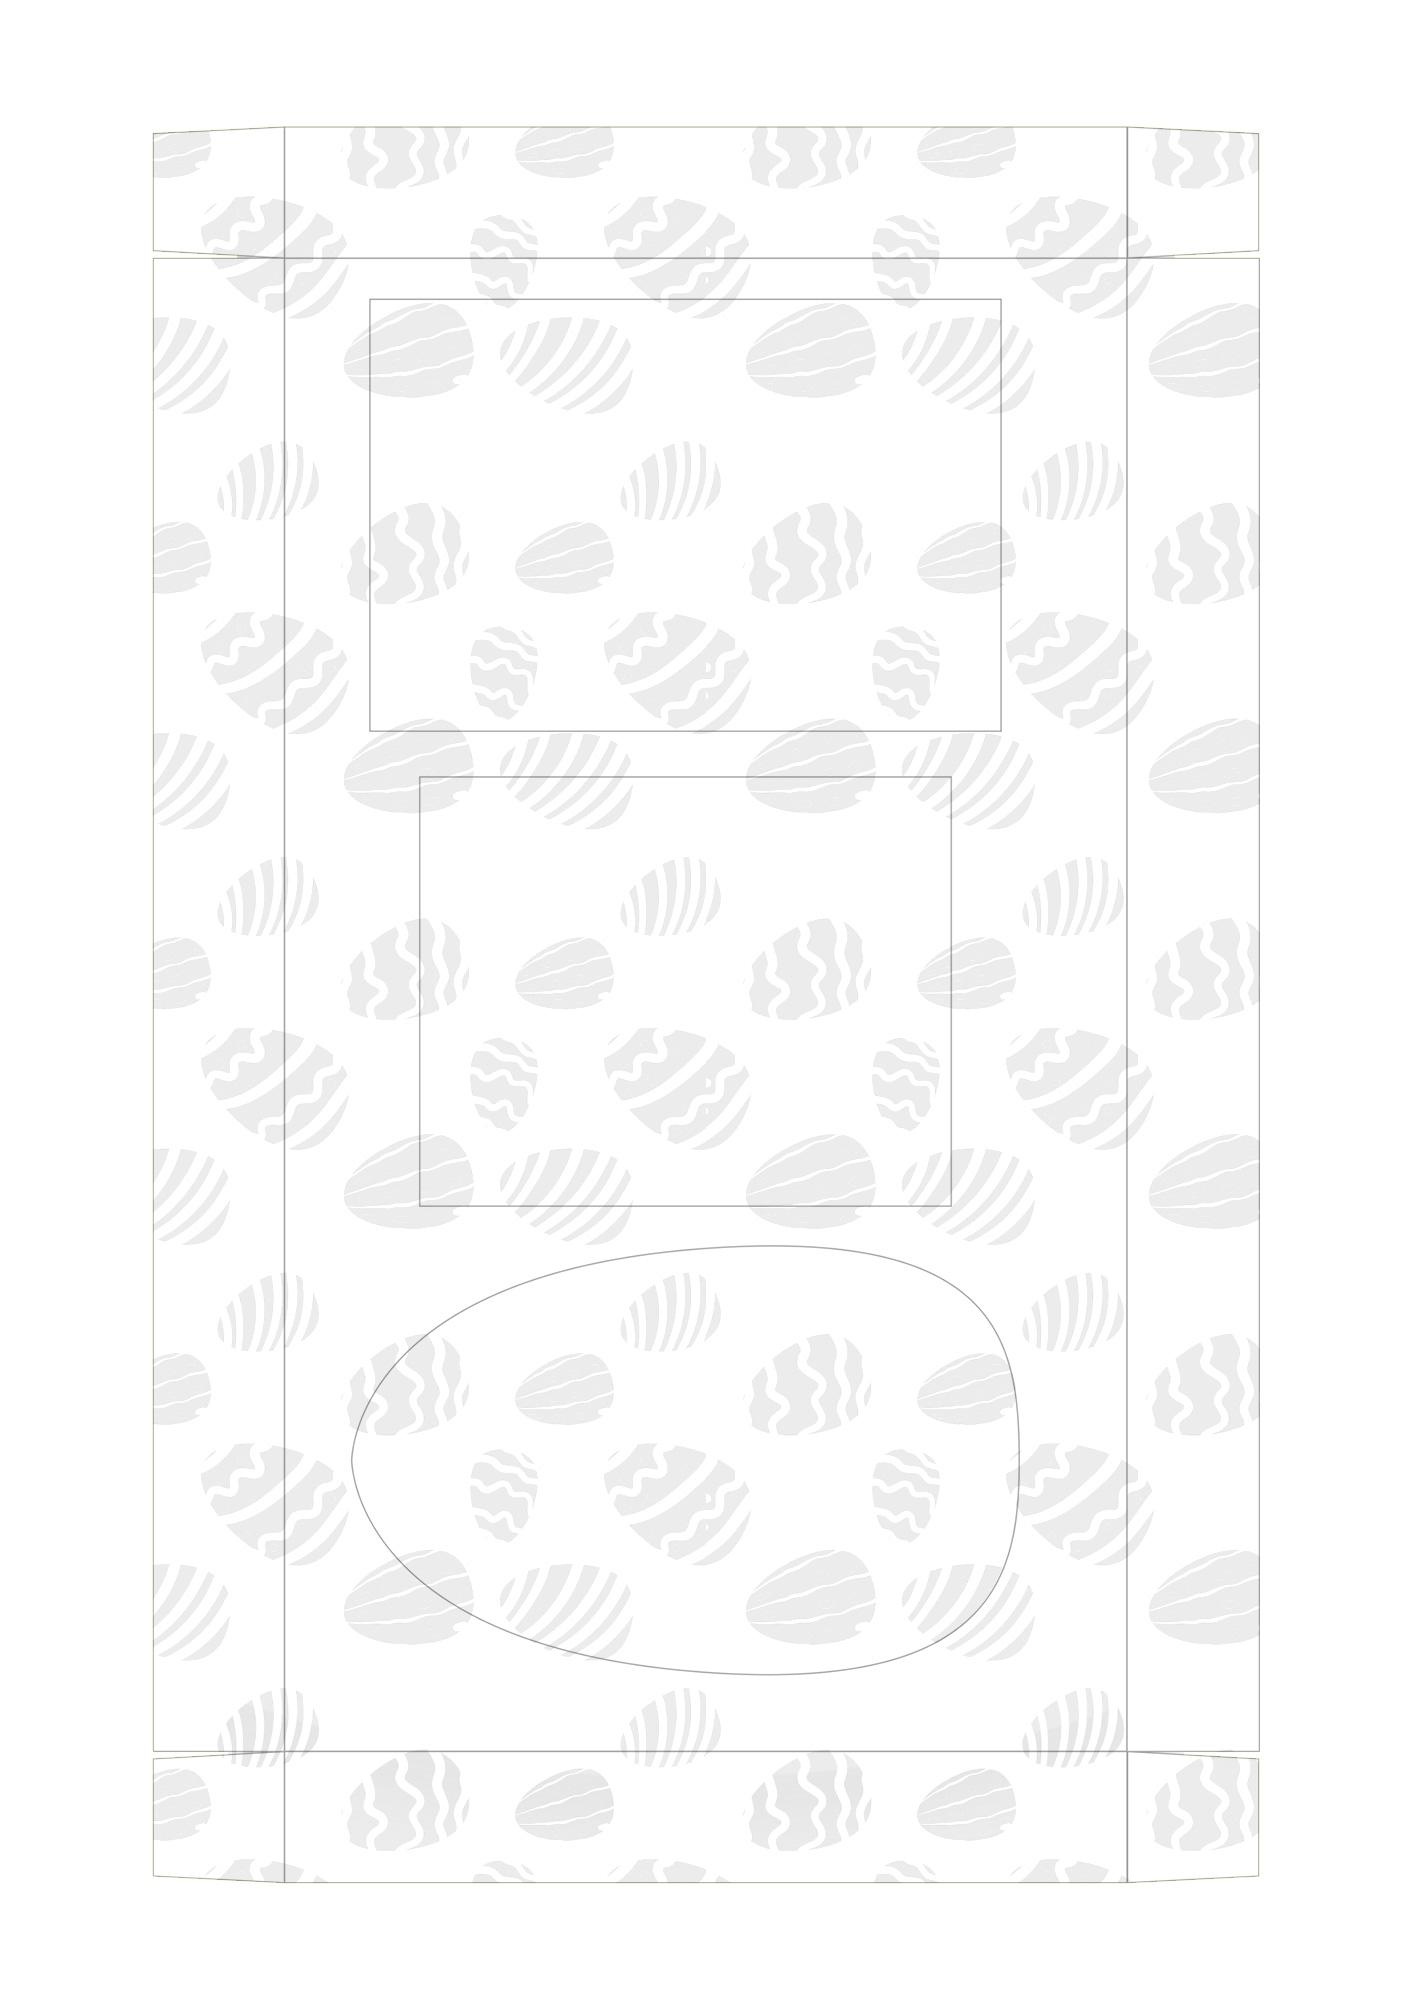 Caixa Kit Mini Confeiteiro para Páscoa 1 - parte de dentro